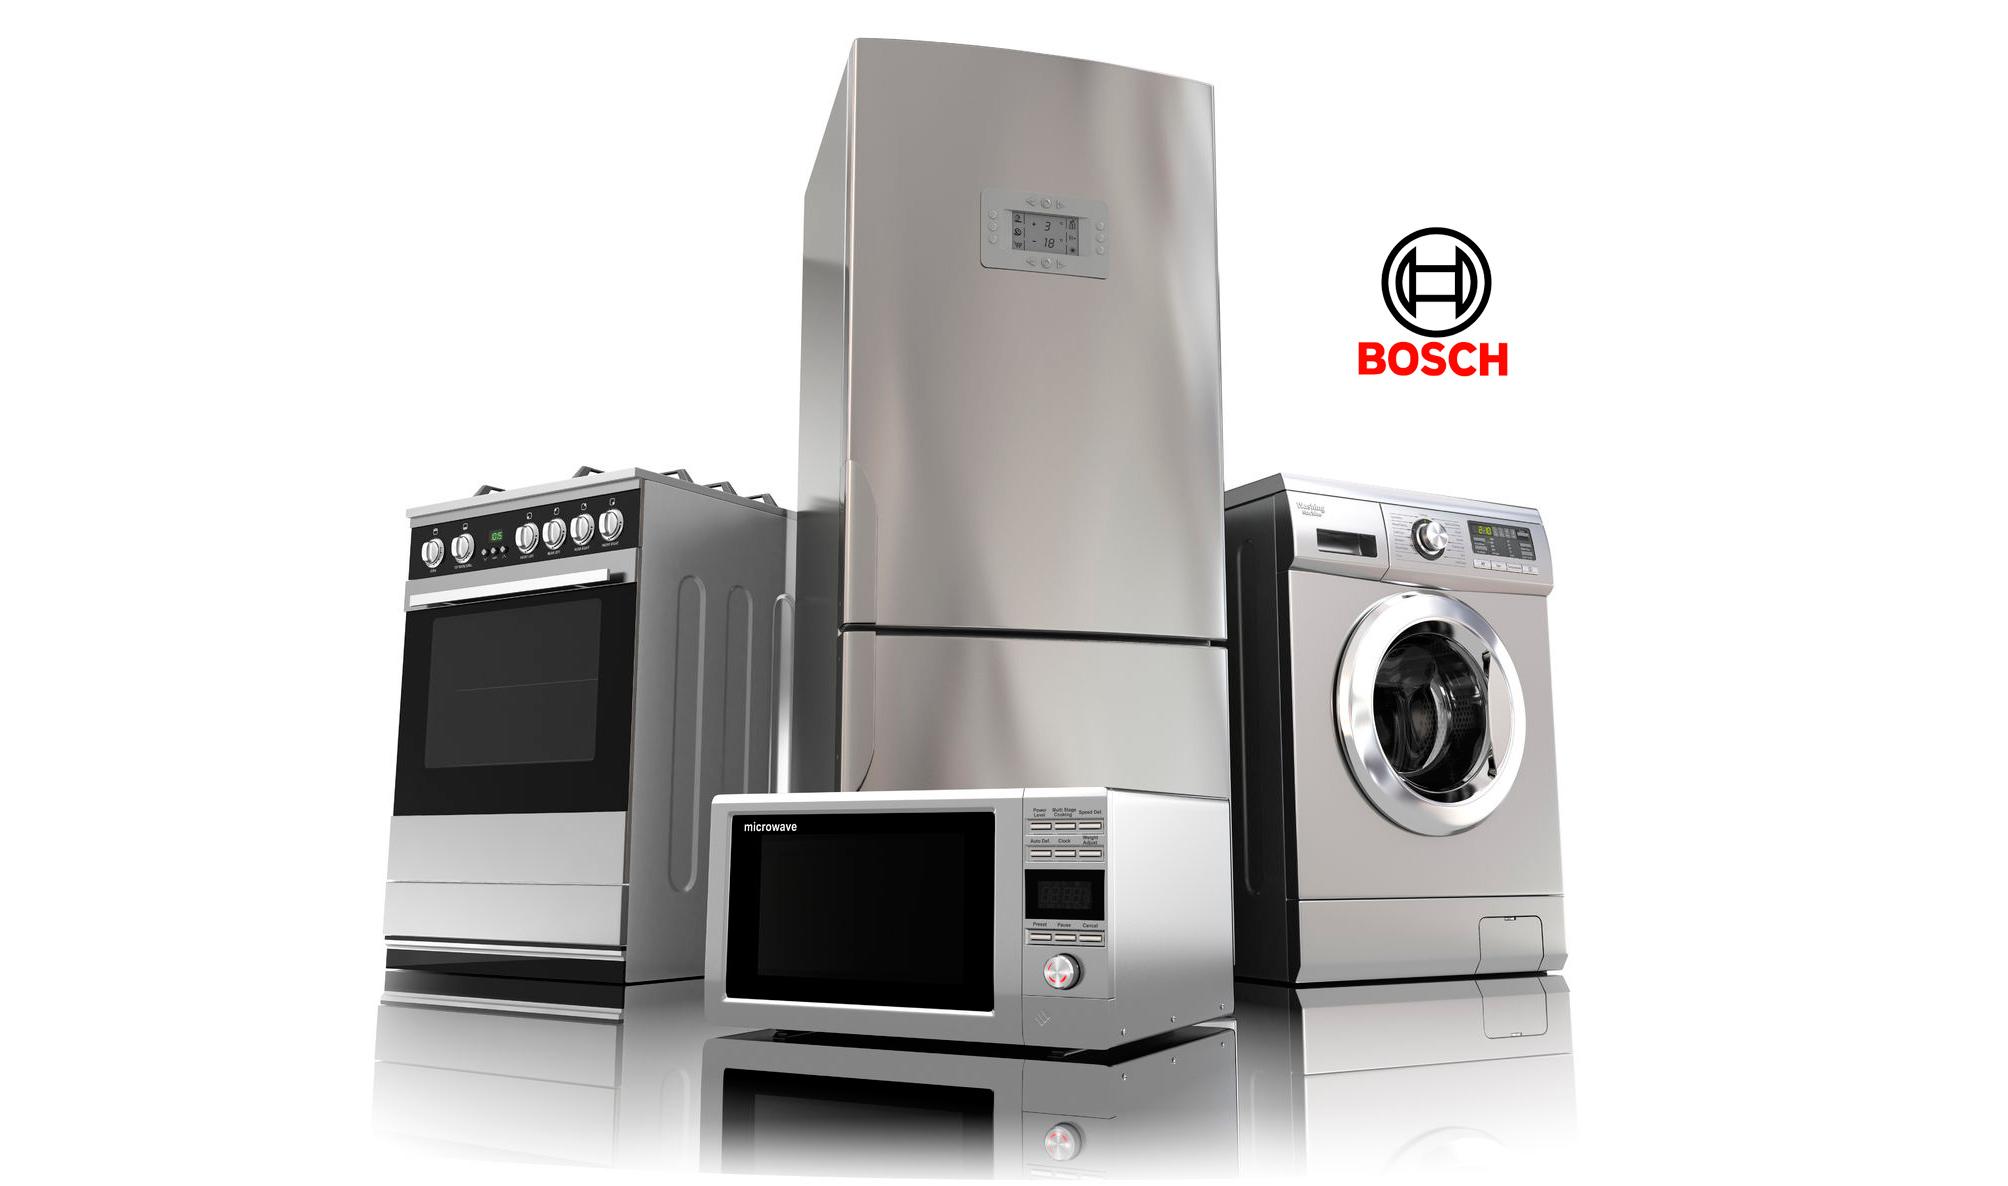 electrodomesticos-bosch